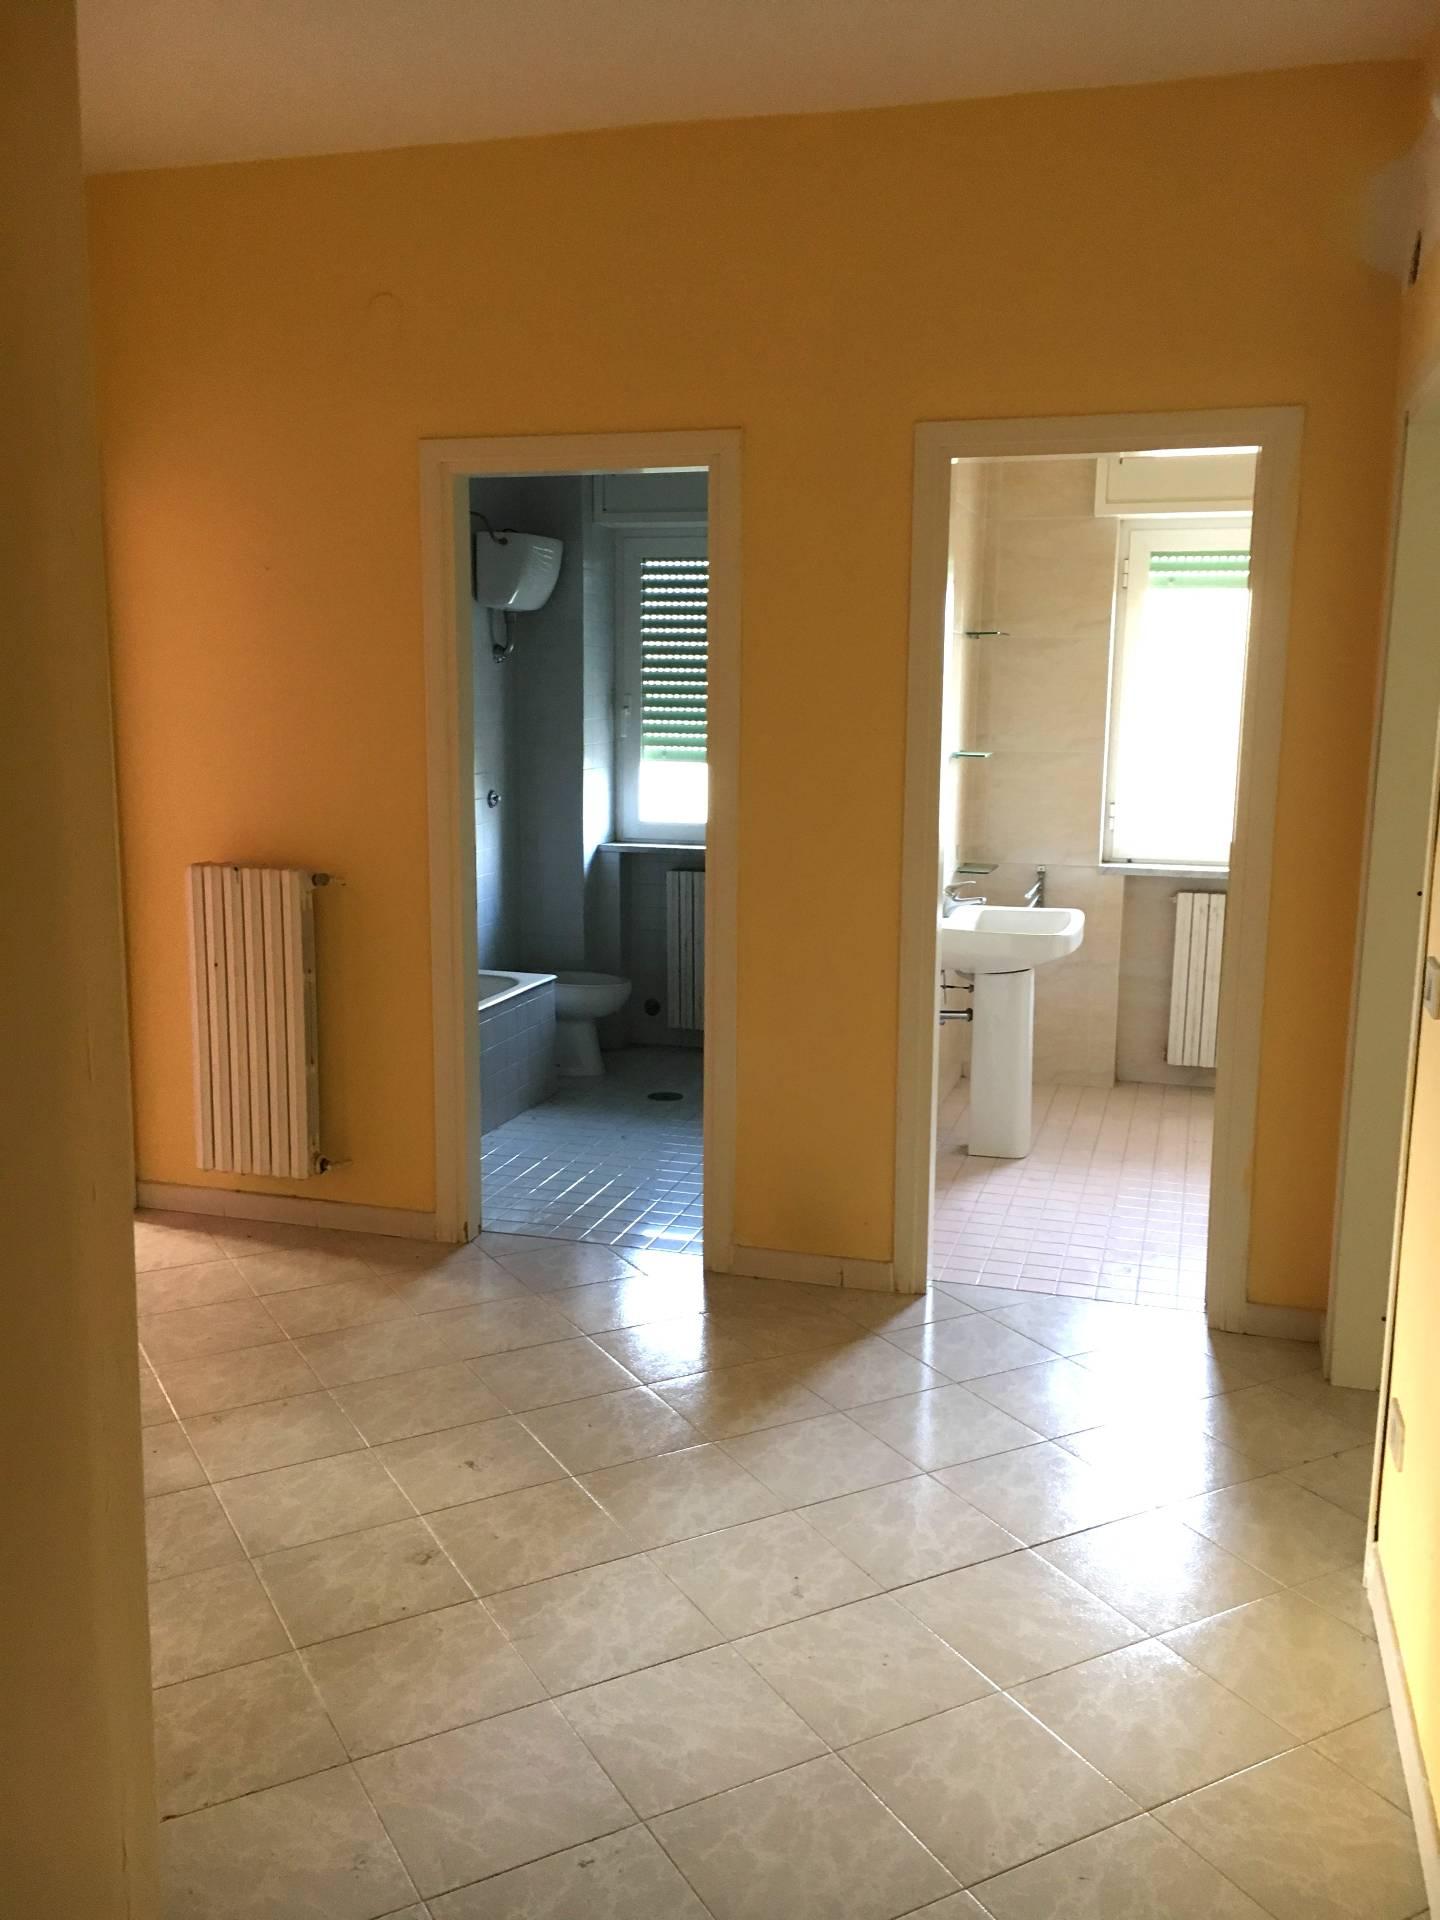 Appartamento in affitto a San Giuseppe Vesuviano, 4 locali, prezzo € 450 | CambioCasa.it